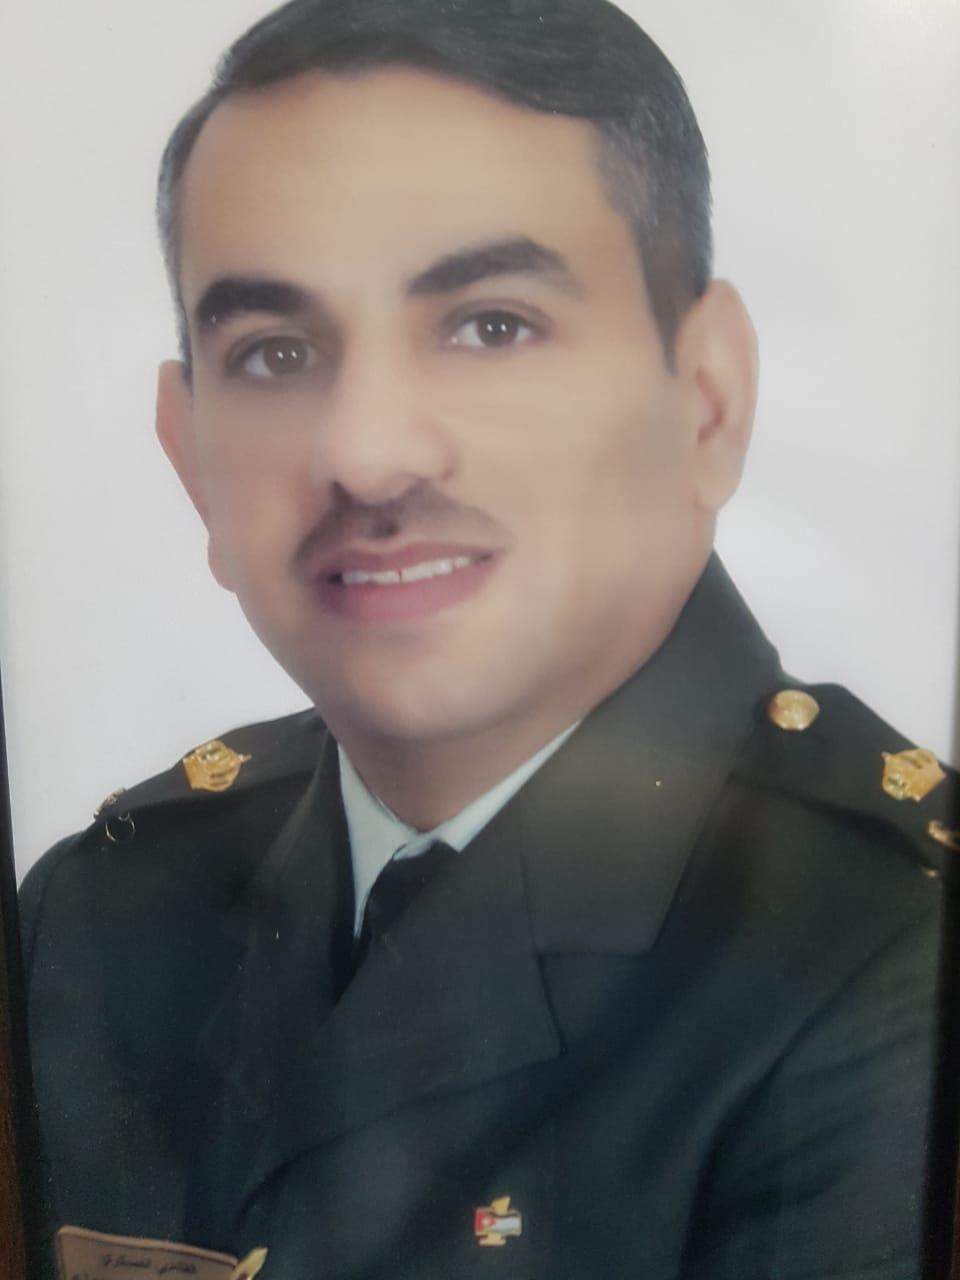 القاضي العسكري الرائد خالد الخزاعلة مبارك الماجستير